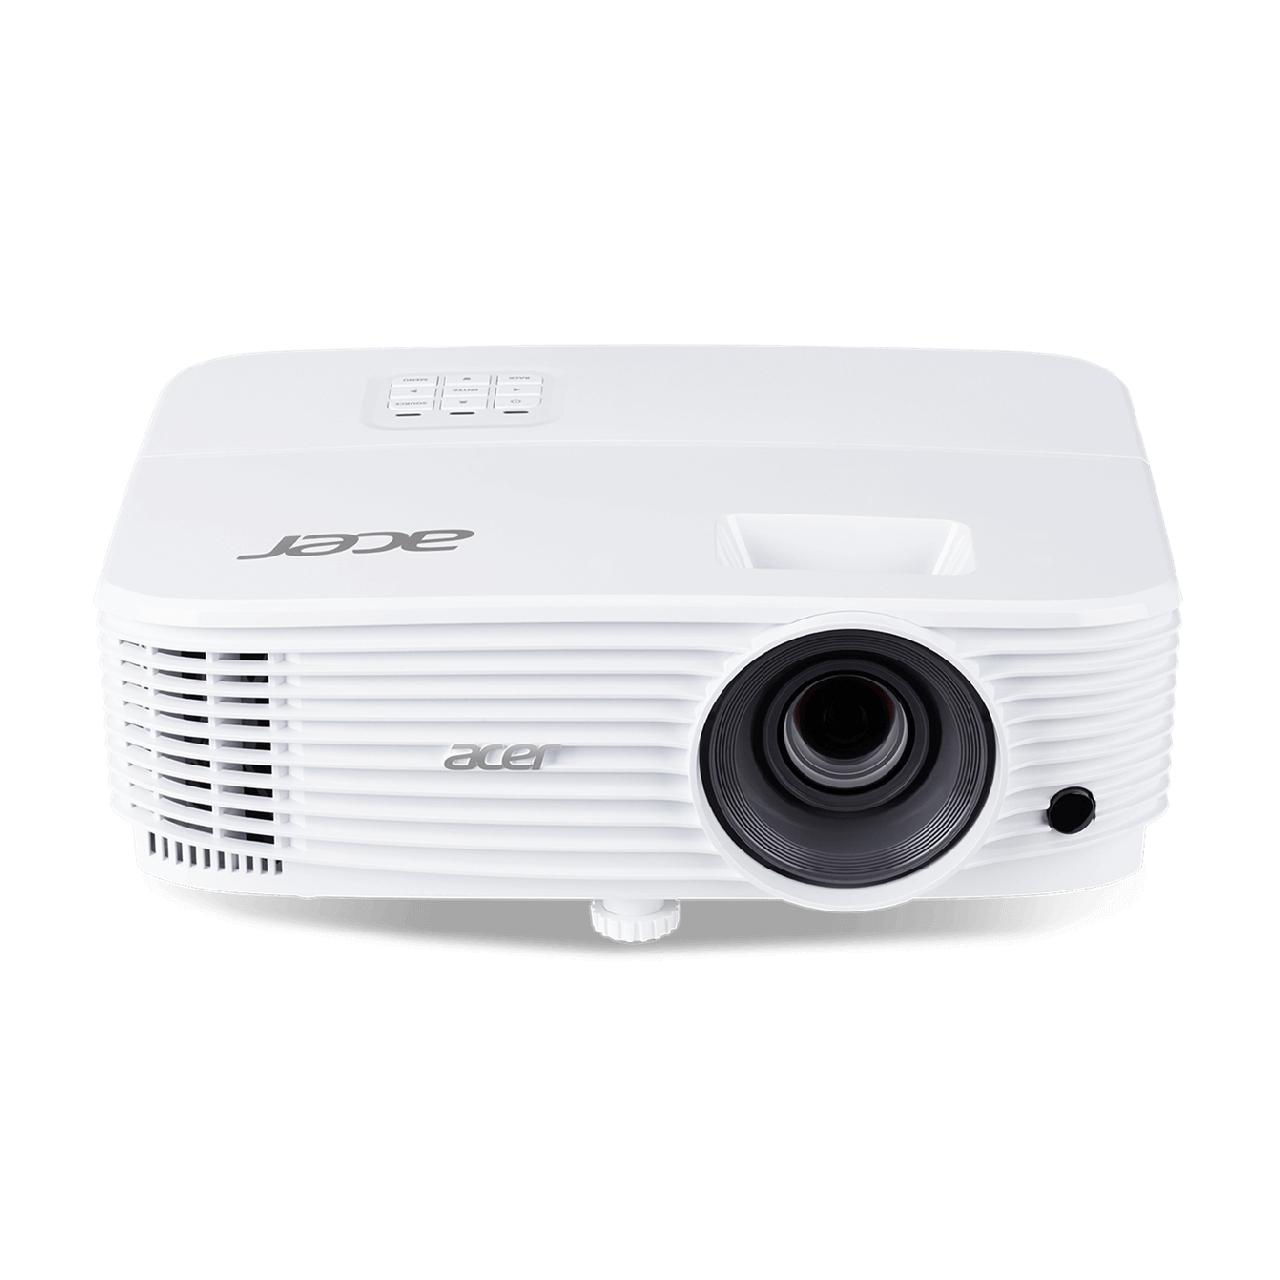 Acer P1250 DLP 3D/ XGA 1024x768 /3600 ANSI /20 000:1/VGA, 2xHDMI/2,4Kg